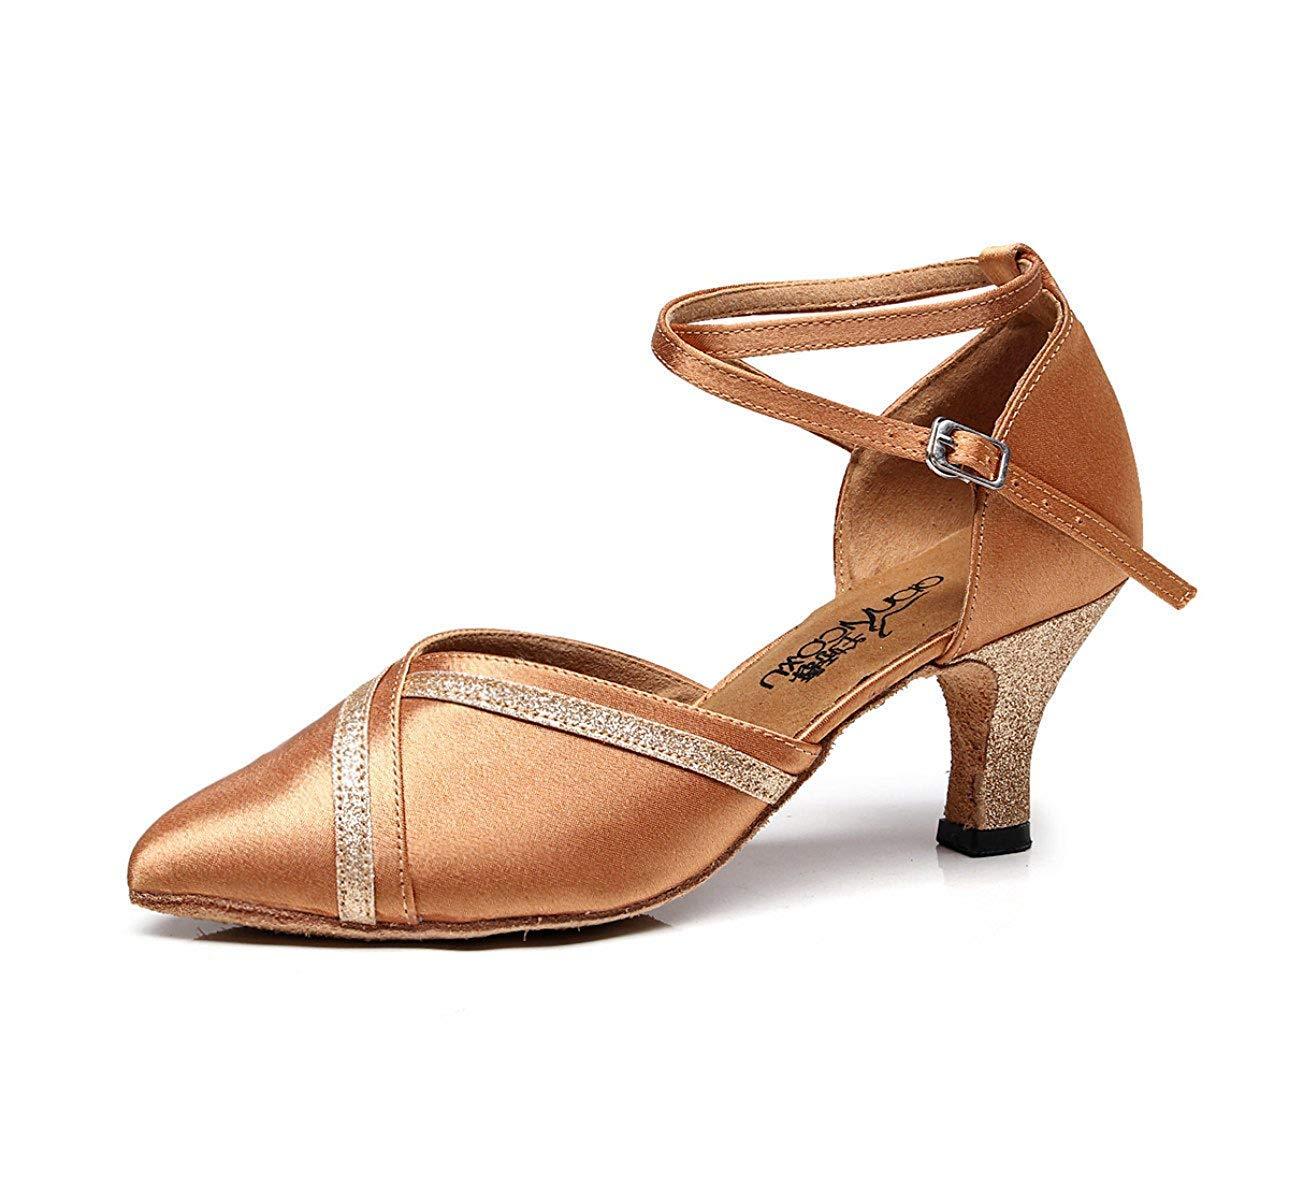 Latin Dance Schuhe für Damen Salsa Tango Chacha Samba Modern Jazz Schuhe Sandalen High Heels B-Absatz7.5cm-DE3   EU33   Our34